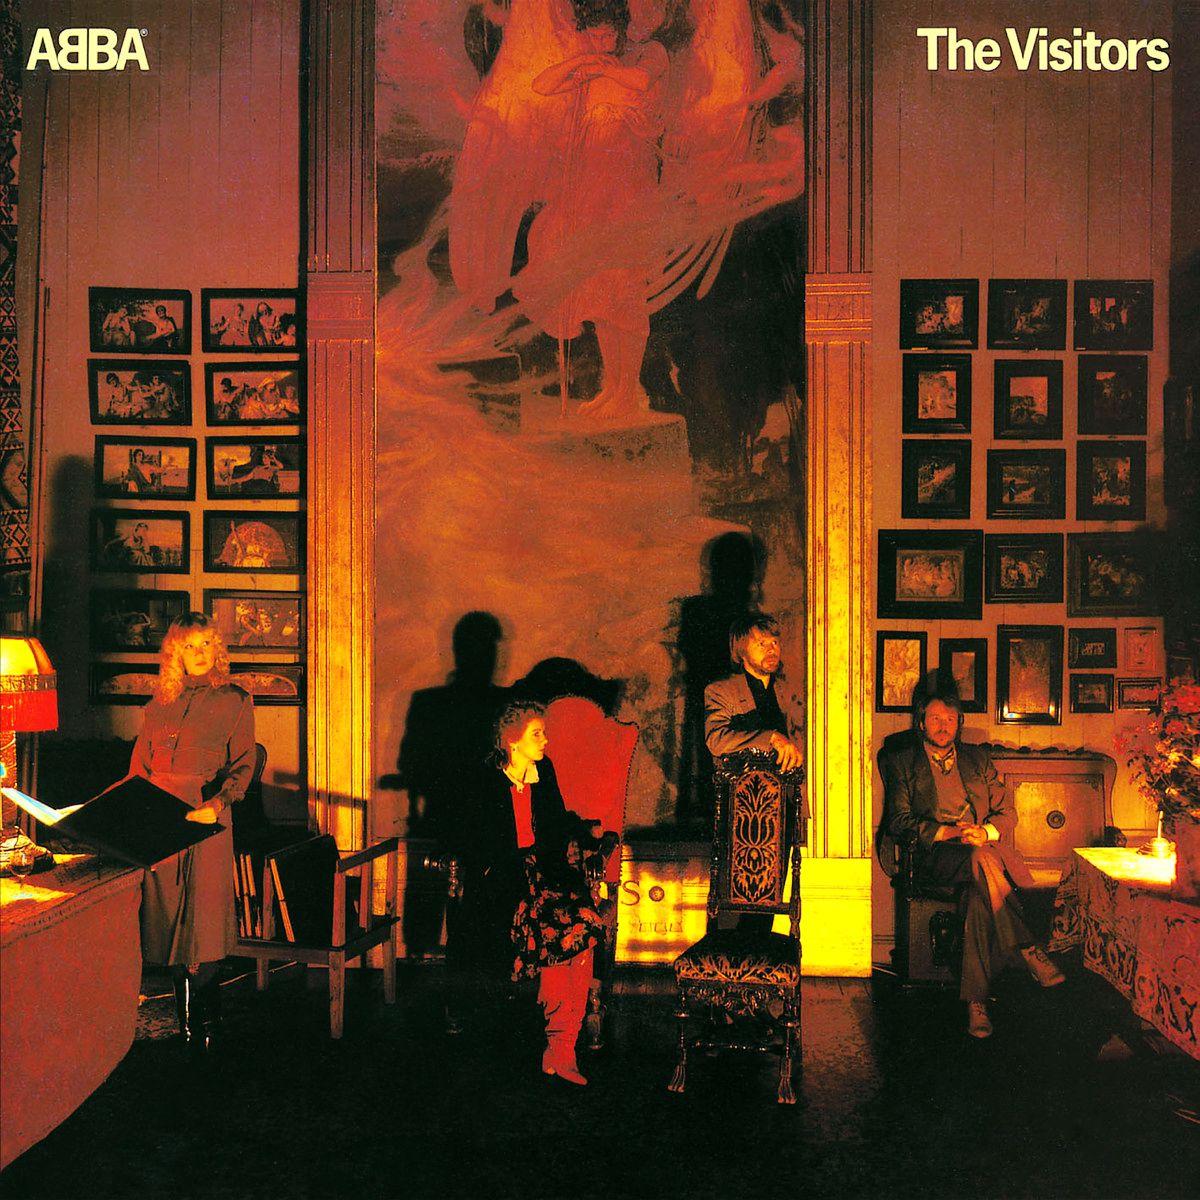 ABBA - The Visitors (deluxe edition) album cover